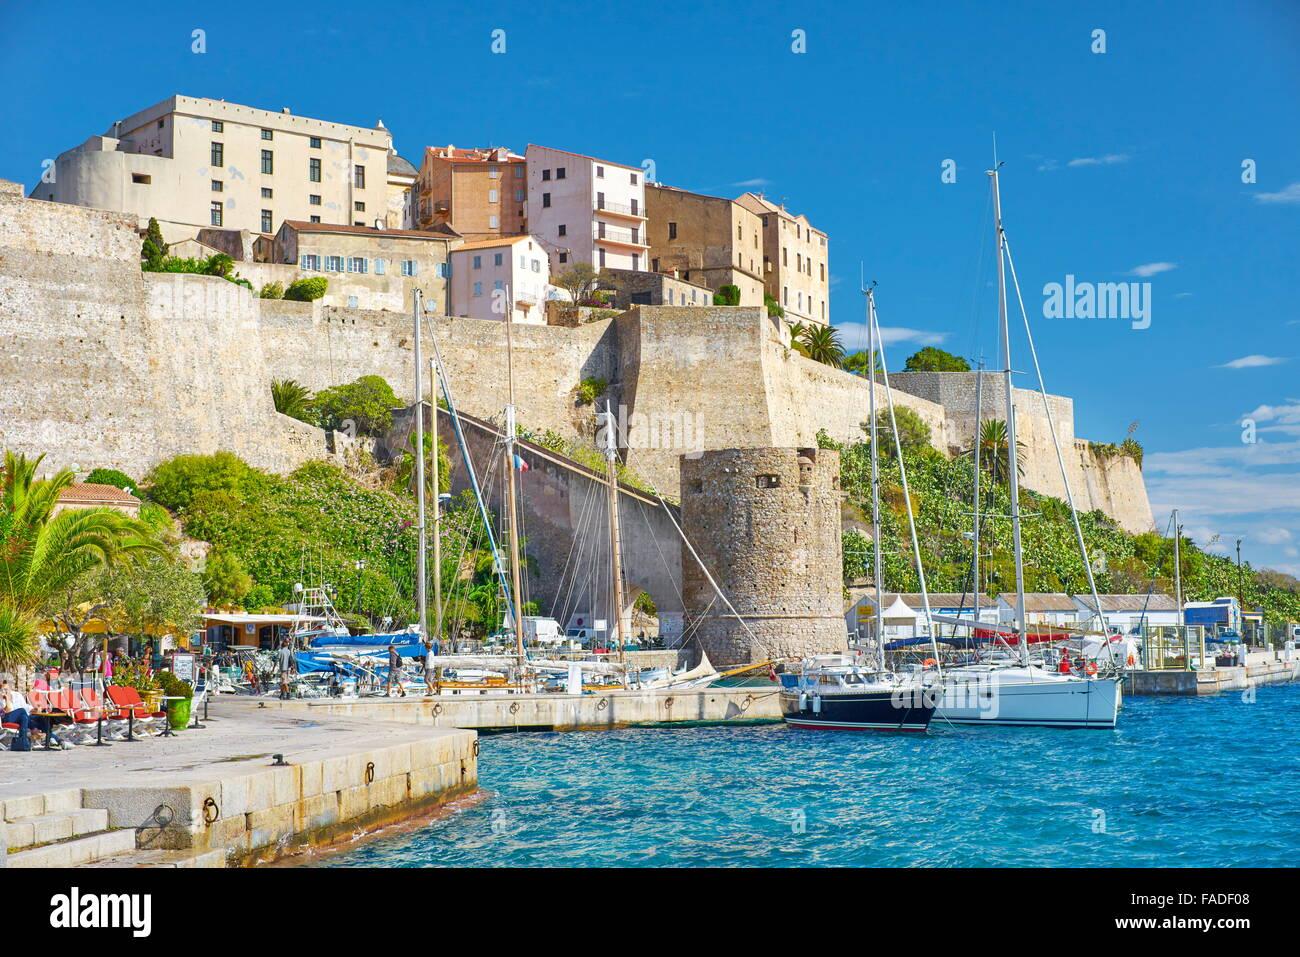 Calvi, Blick auf die Zitadelle, Balagne, Korsika, Frankreich Stockbild